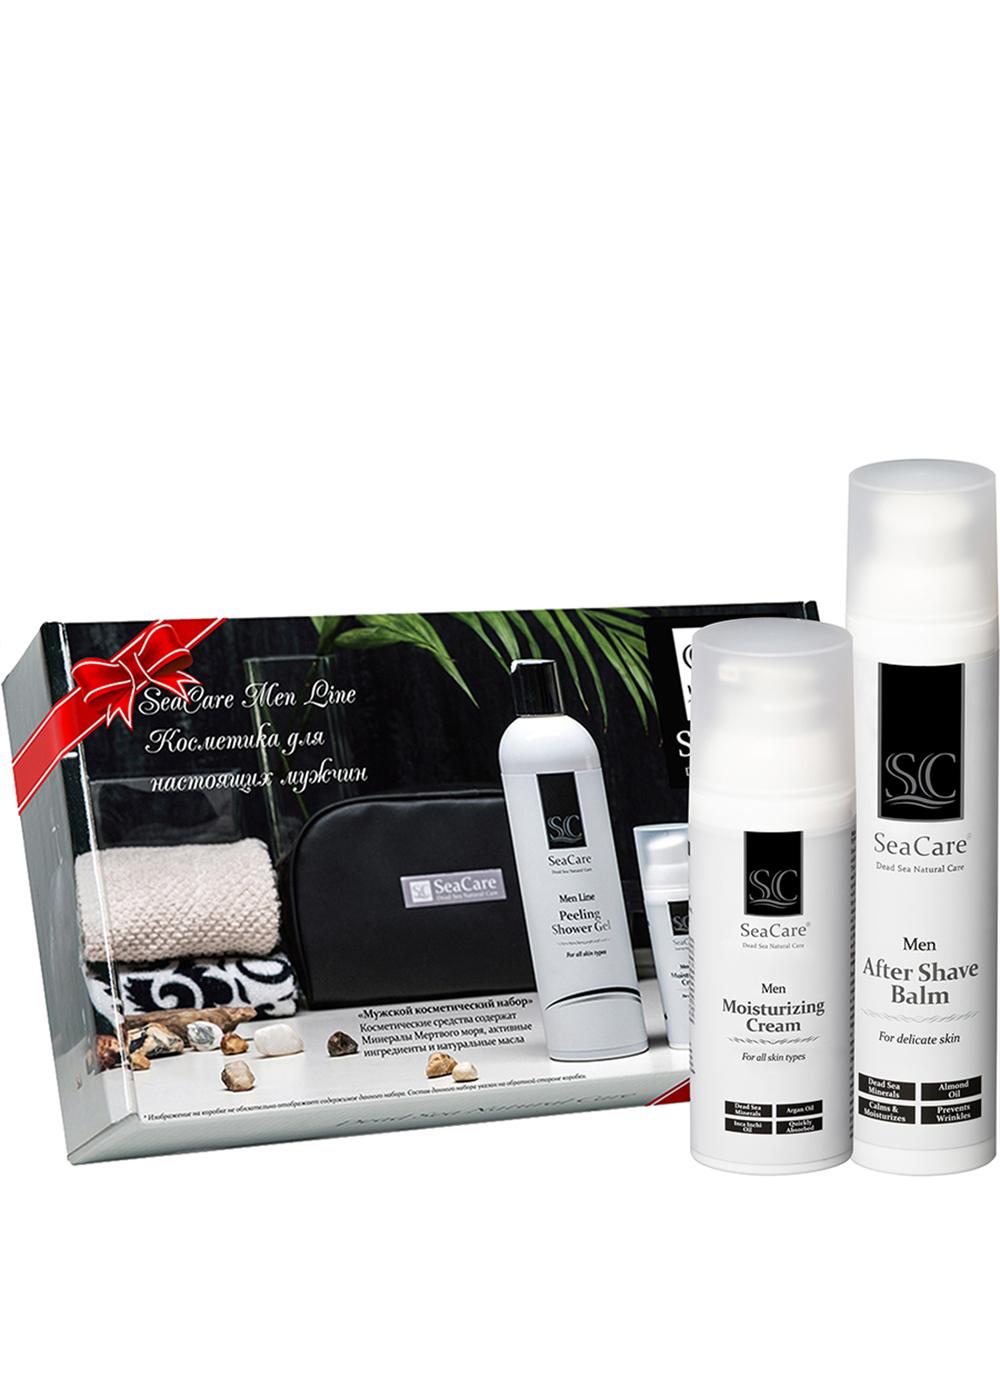 Набор косметики для ухода за кожей SeaCare Подарочный мужской набор №2, Бальзам после бритья и Омолаживающий крем для лица 100+50мл